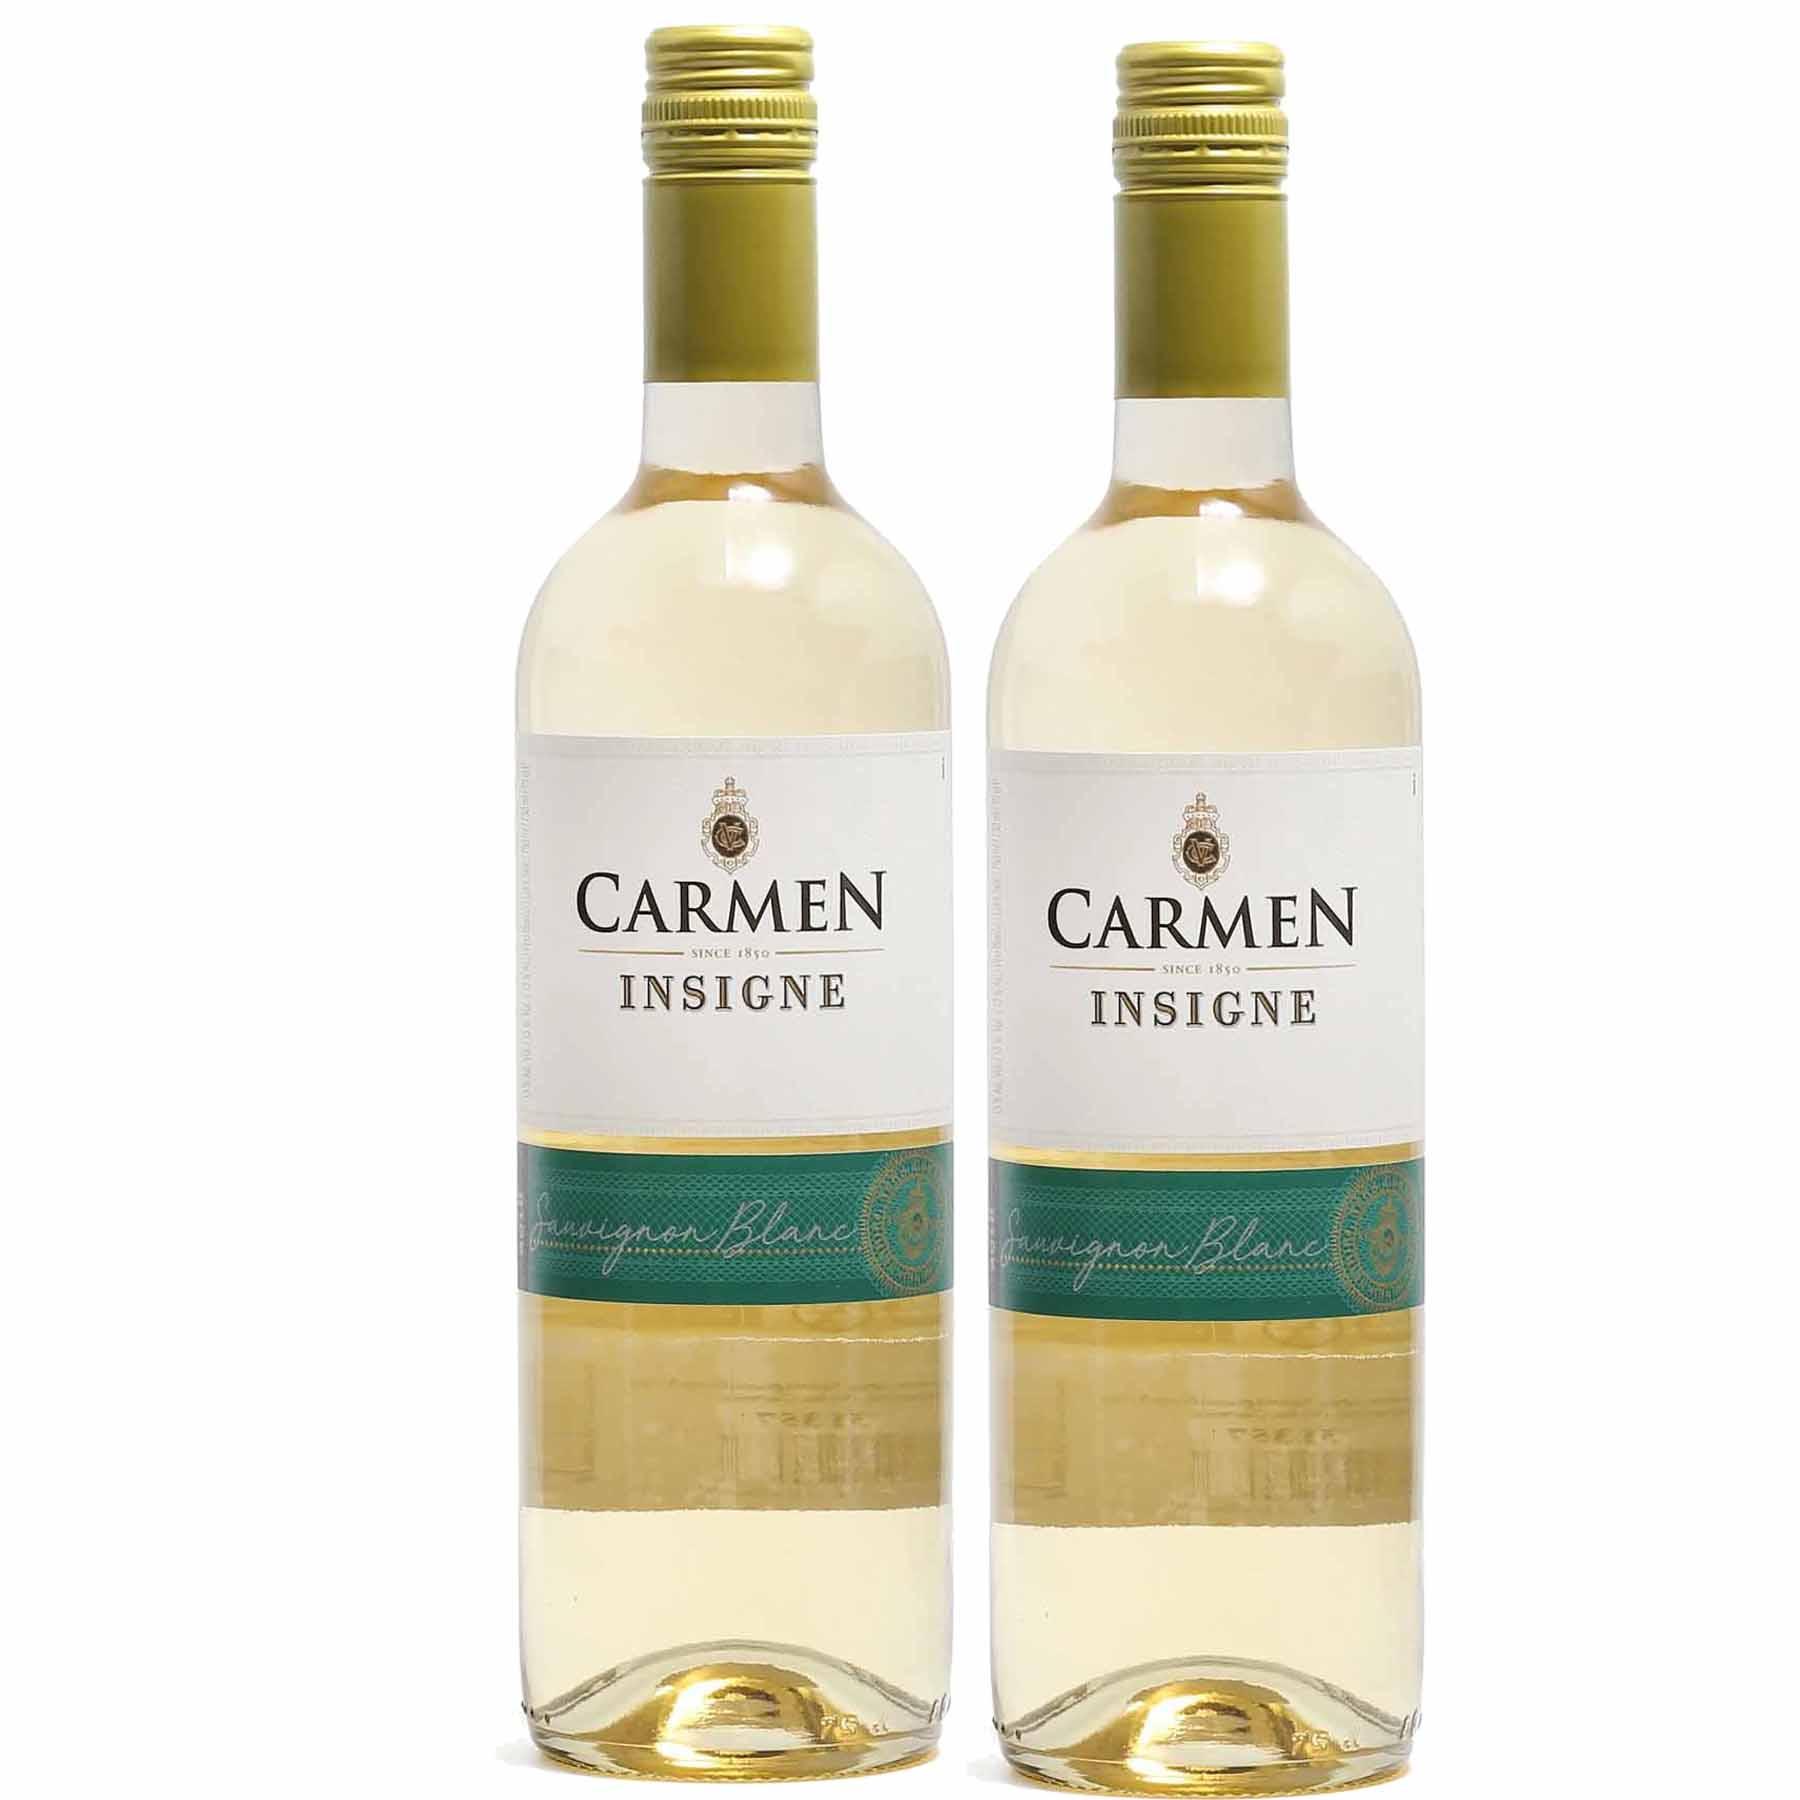 Kit 2x Vinho Branco Chileno Carmen Insigne Sauvignon Blanc 2018 750ml